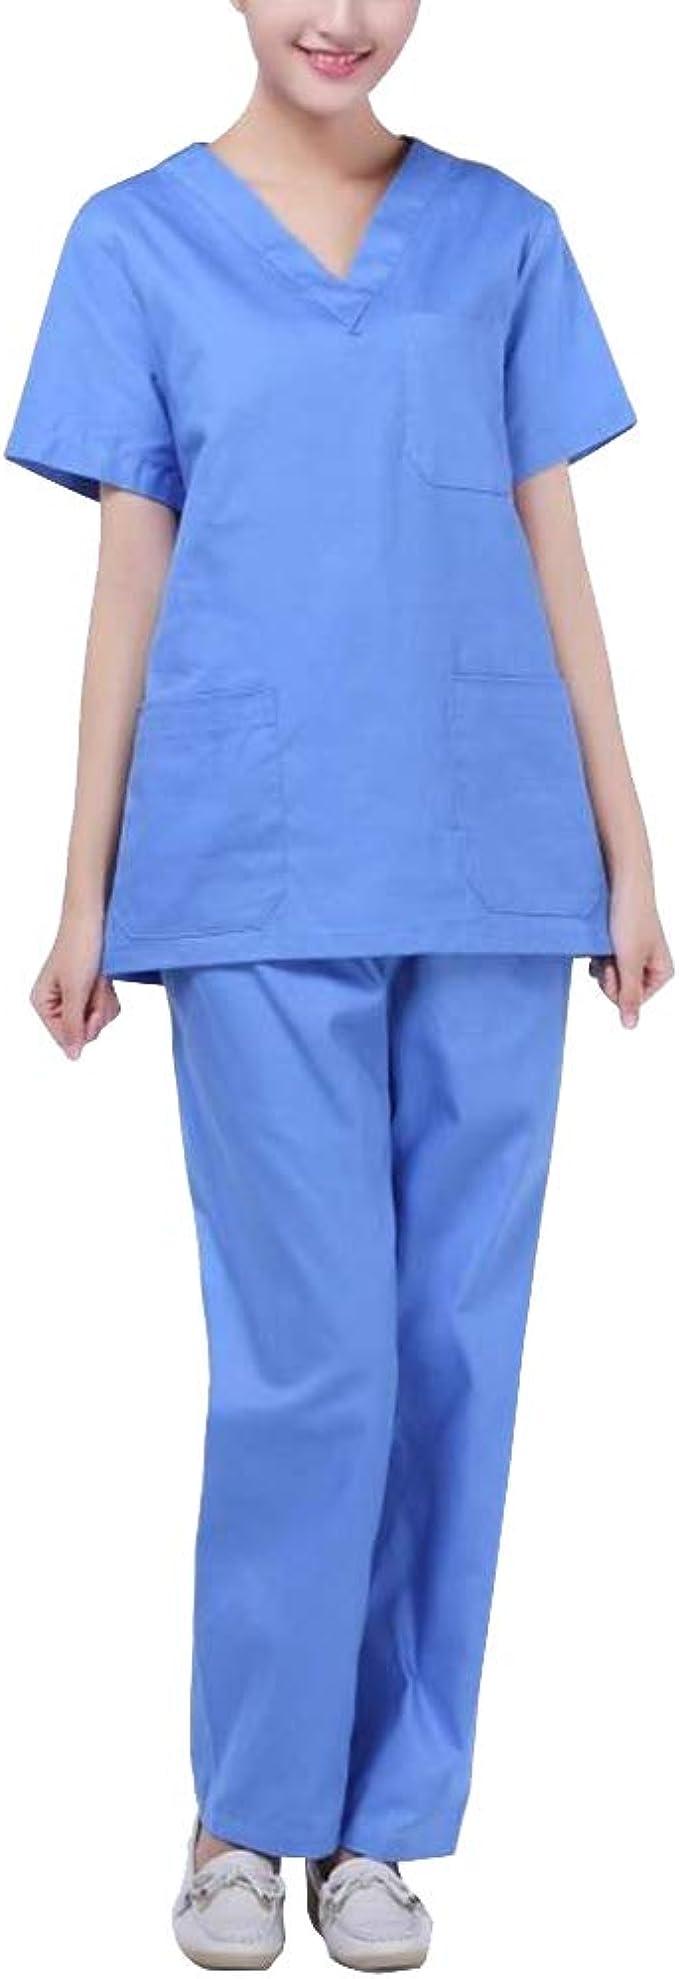 Uniforme De Manga Corta Médico Casaca Y Pantalón Mujer/Hombre Ropa para Enfermería Sanitaria Azul M